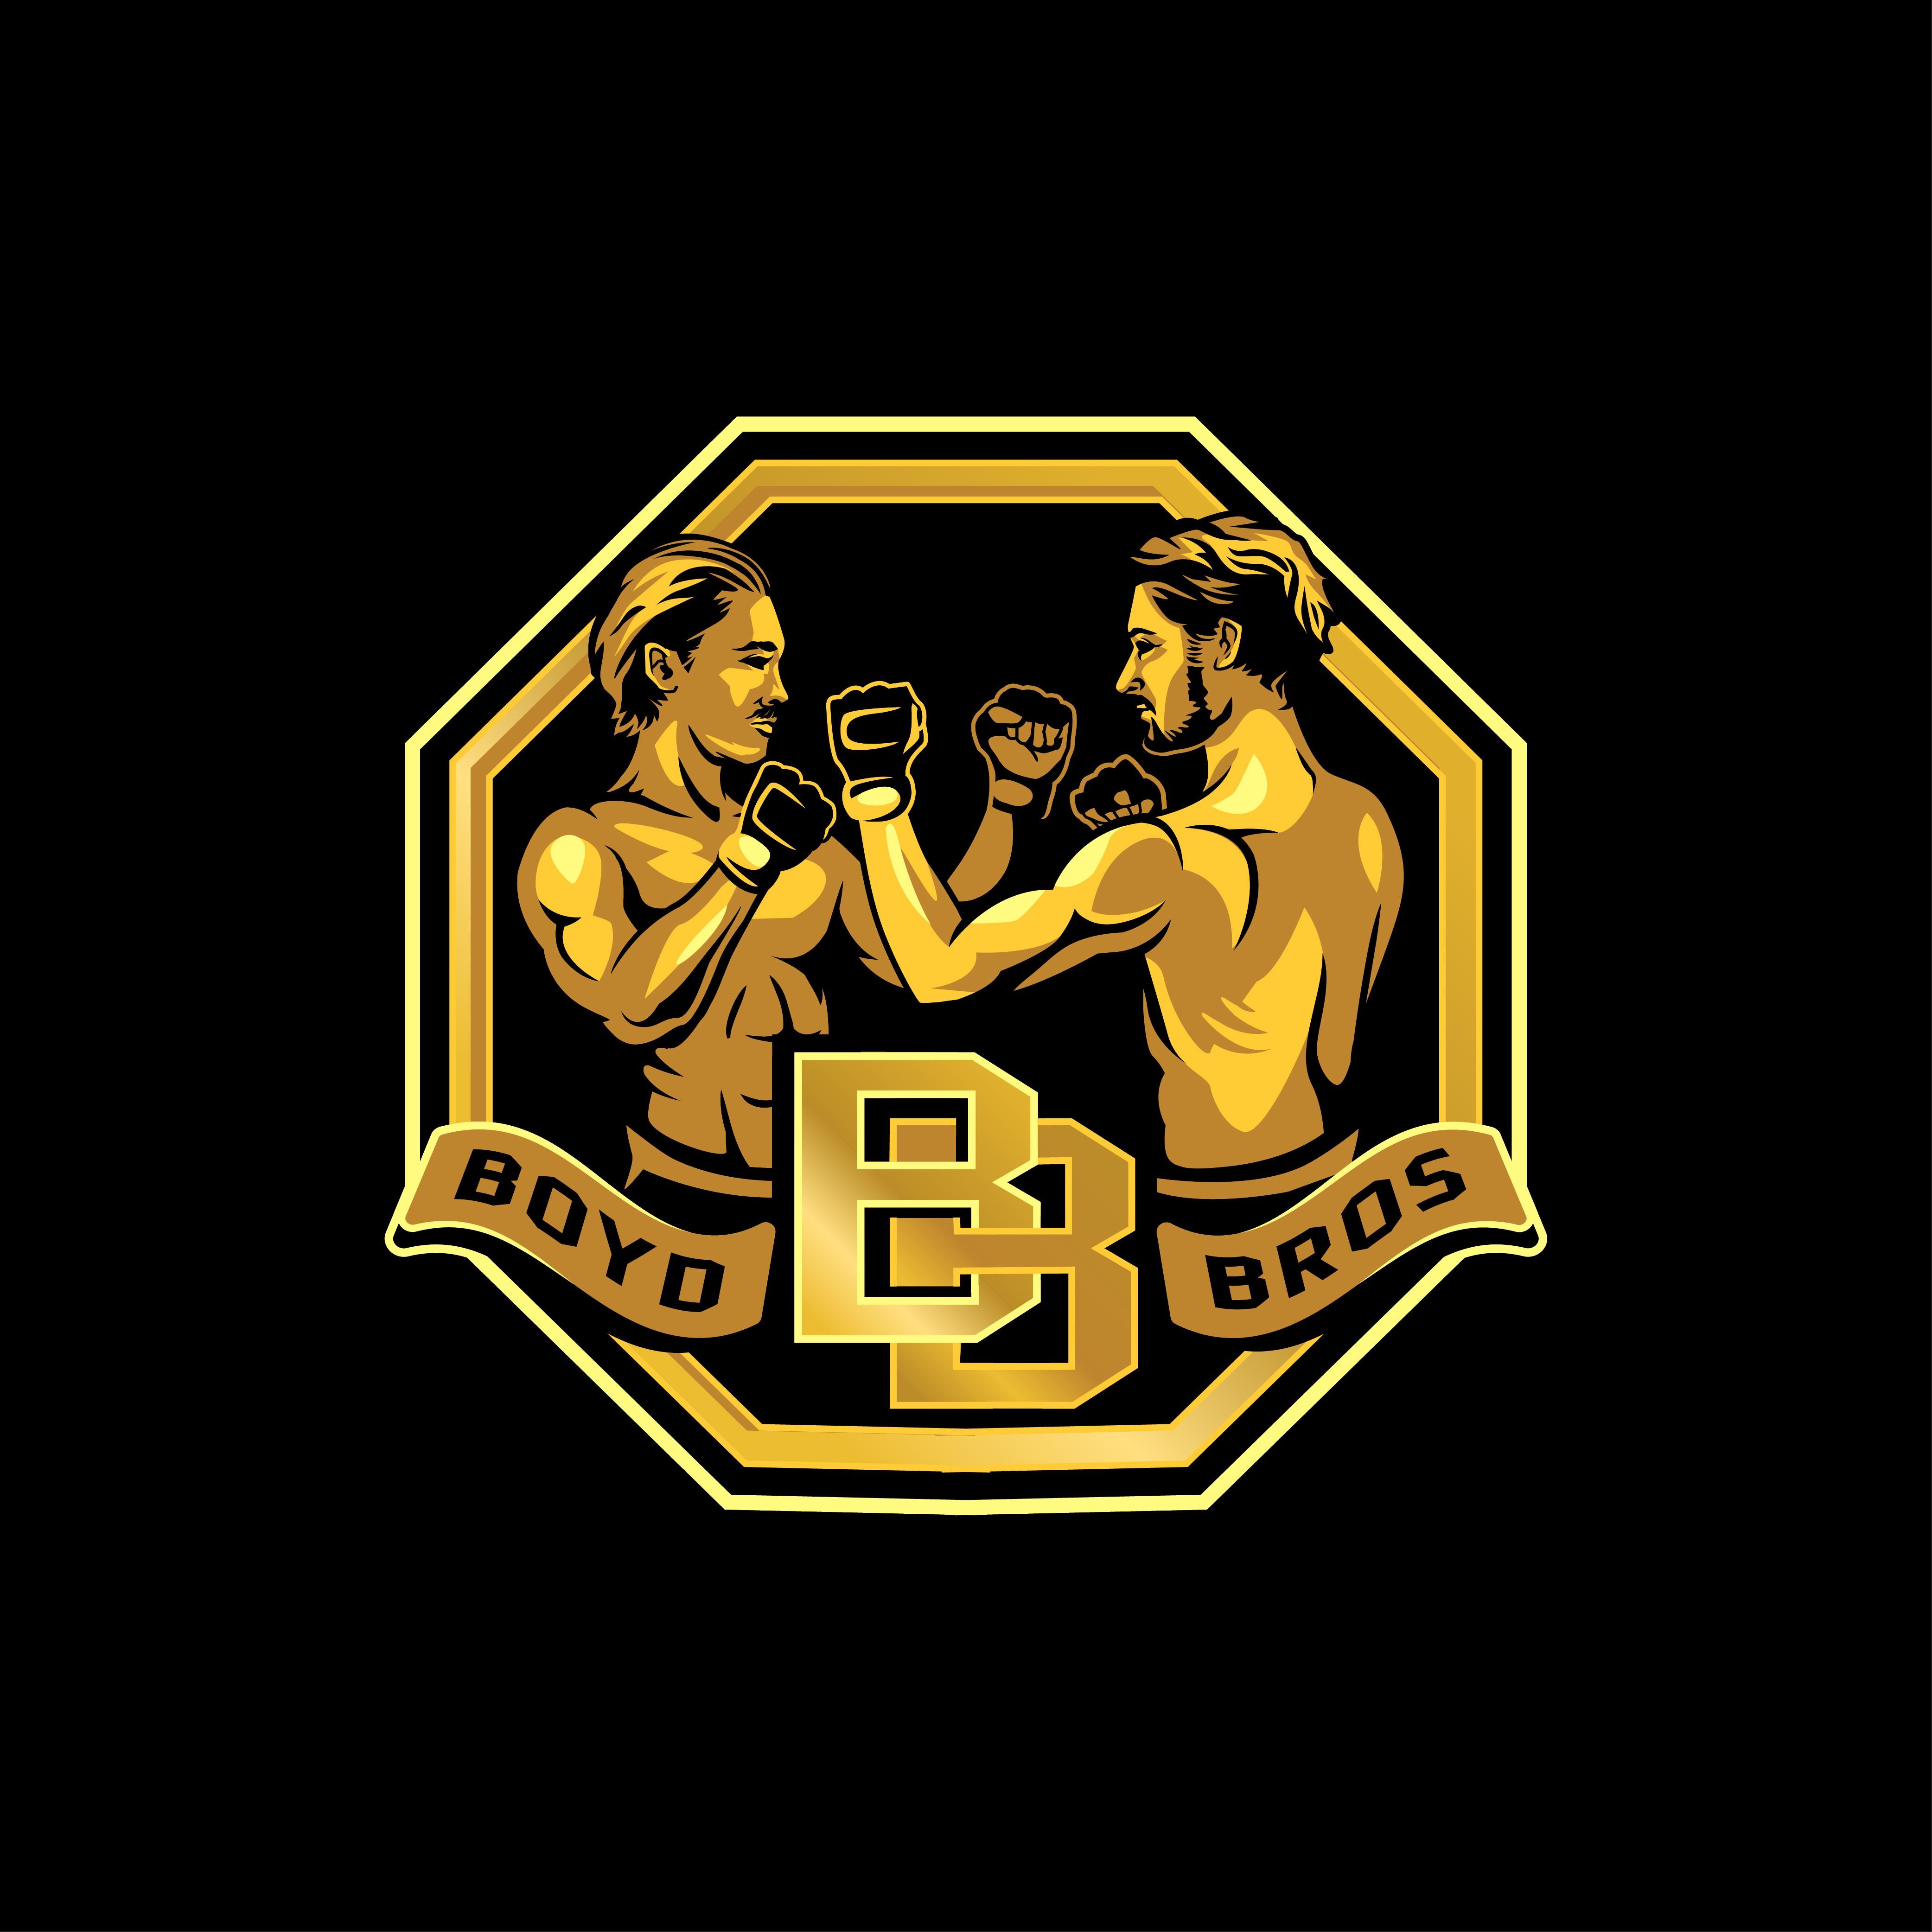 Boyd Bros. MMA Brand Logo